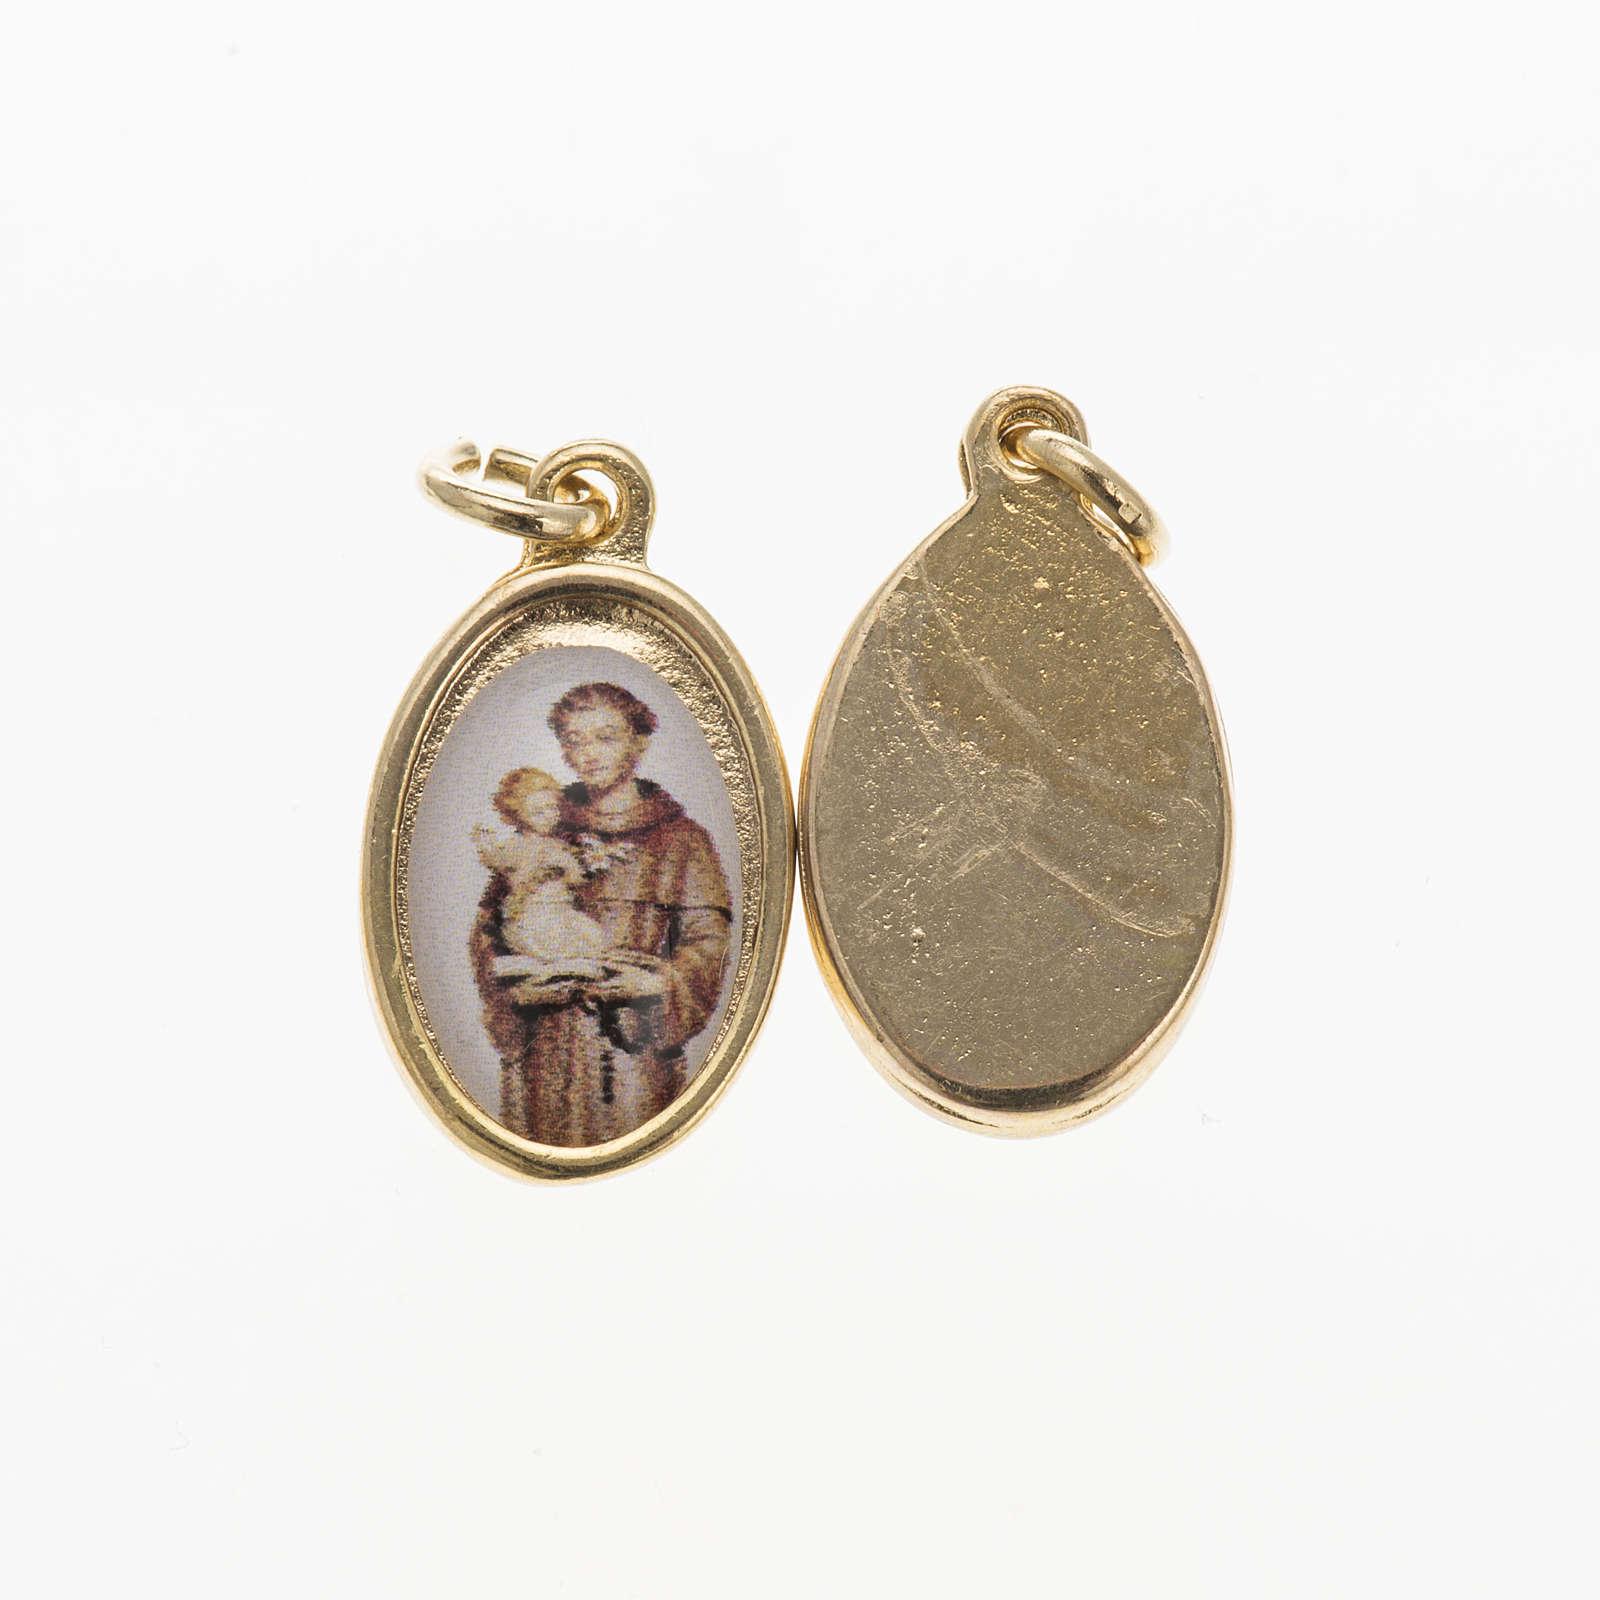 Medaglia Sant'Antonio da Padova metallo dorato resina 1,5x1 cm 4